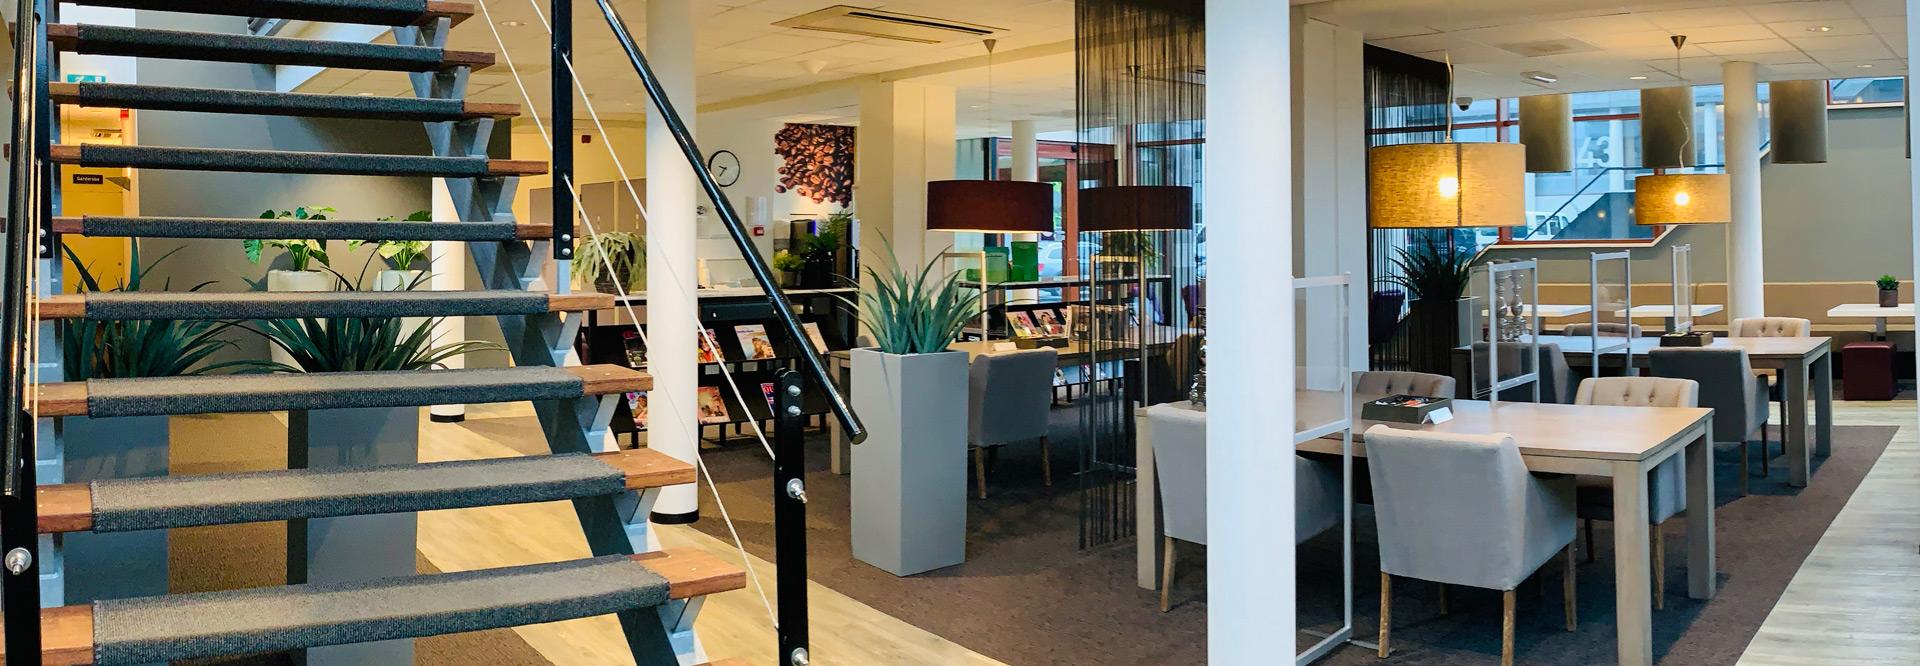 Flexwerkplek plus Amsterdam